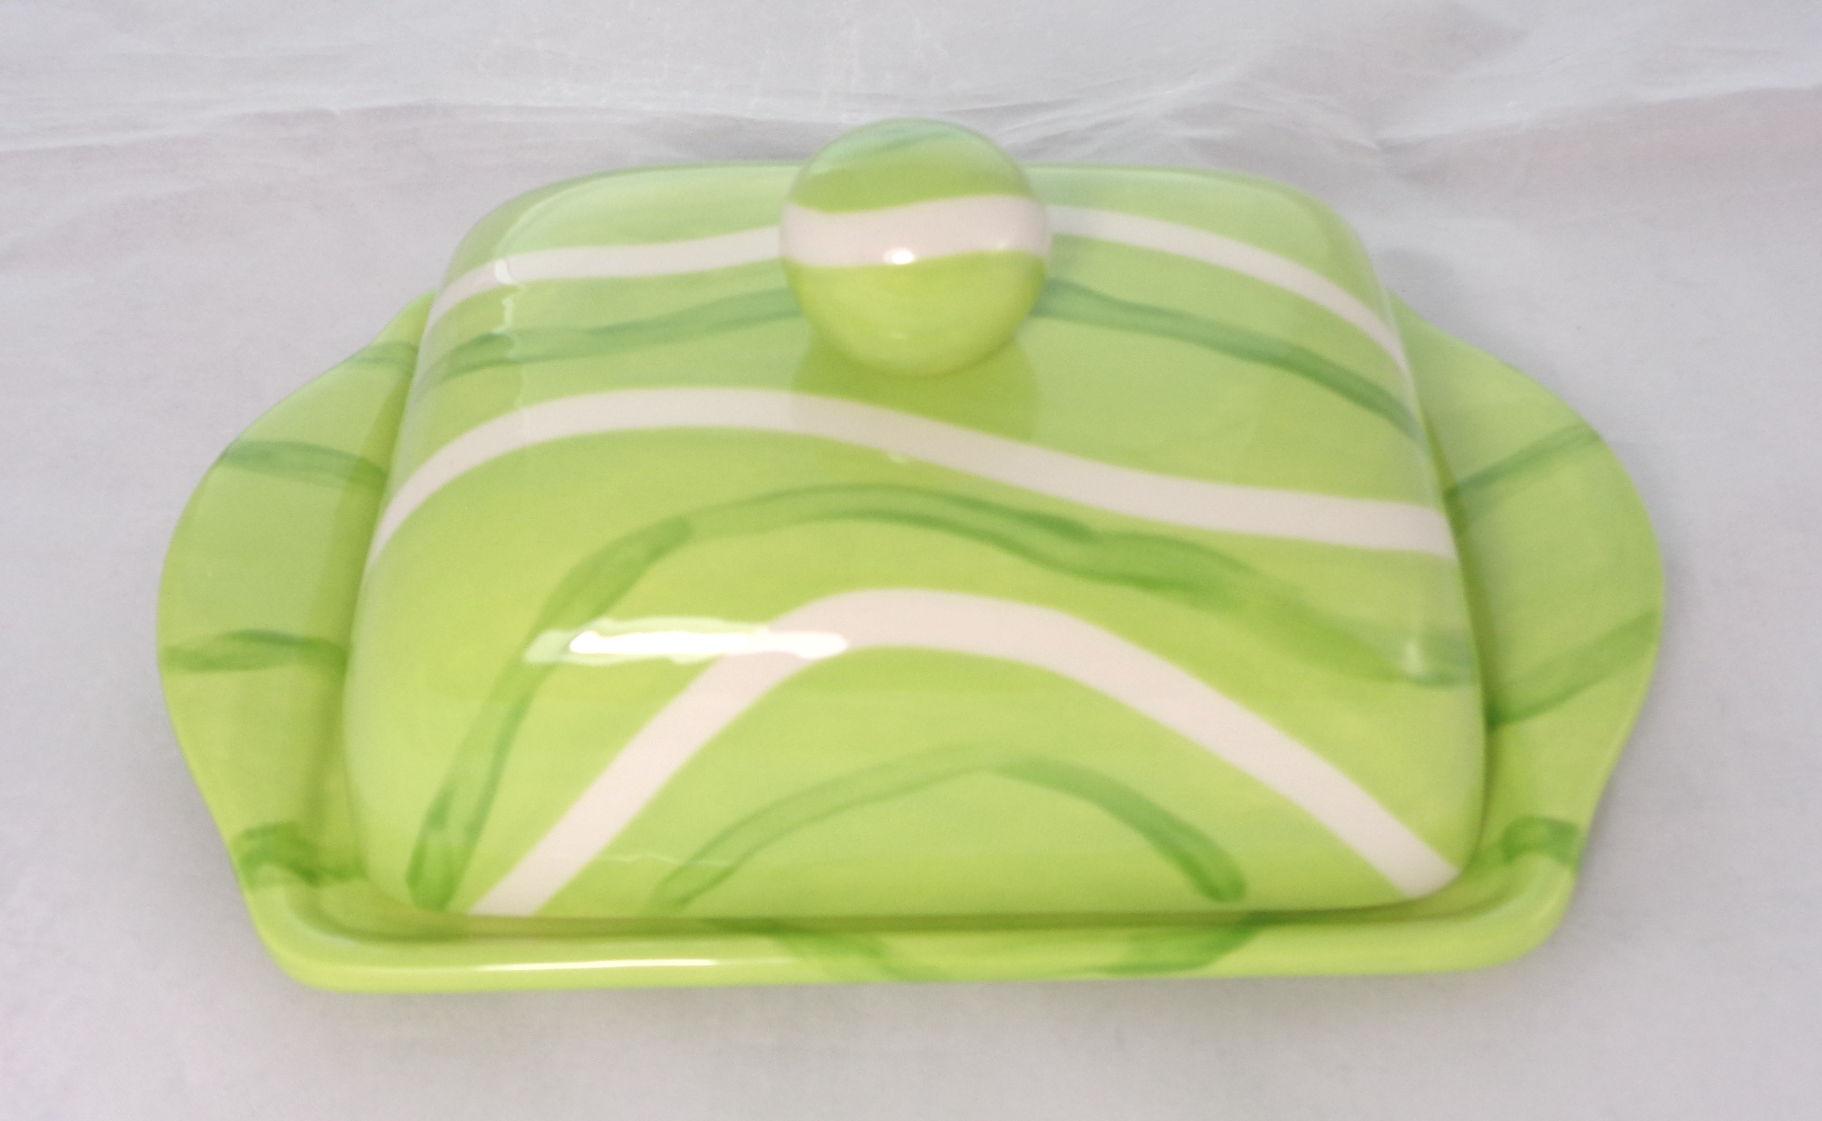 Bemalte Keramik Butterdose green-lines